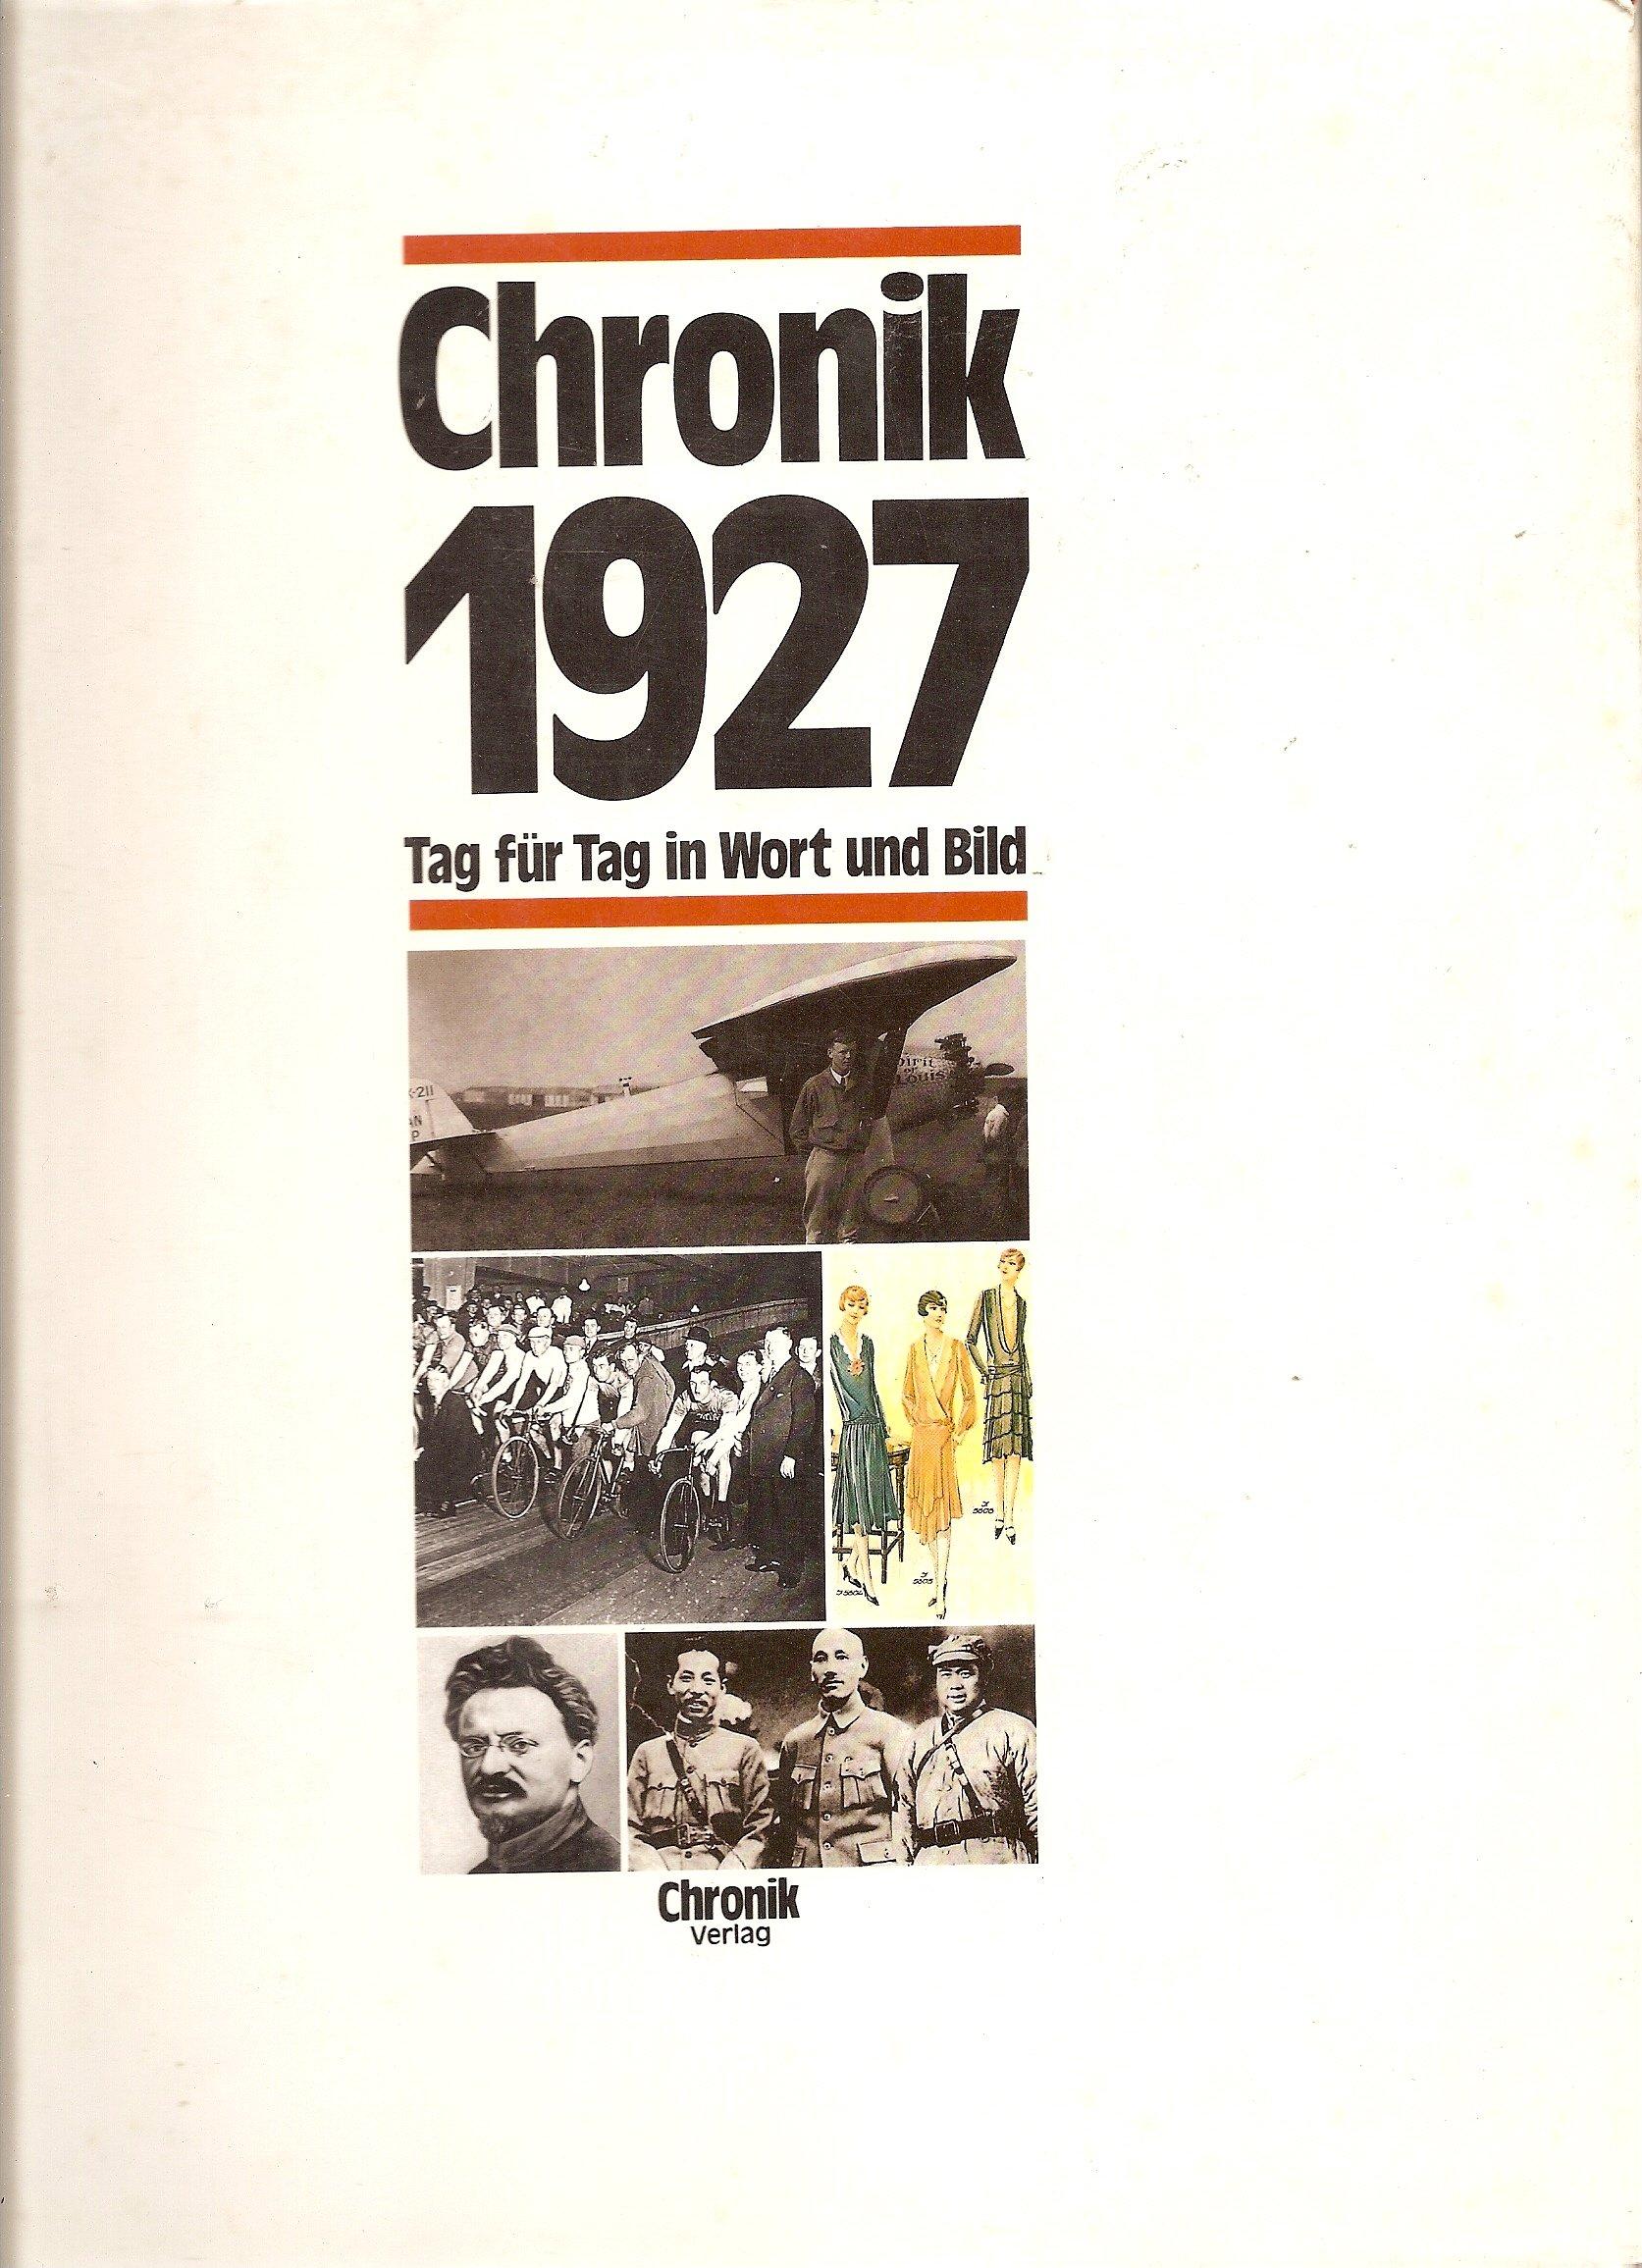 Chronik 1927 Tag für Tag in Wort und Bild. (Die Chronik-Bibliothek des 20. Jahrhunderts)